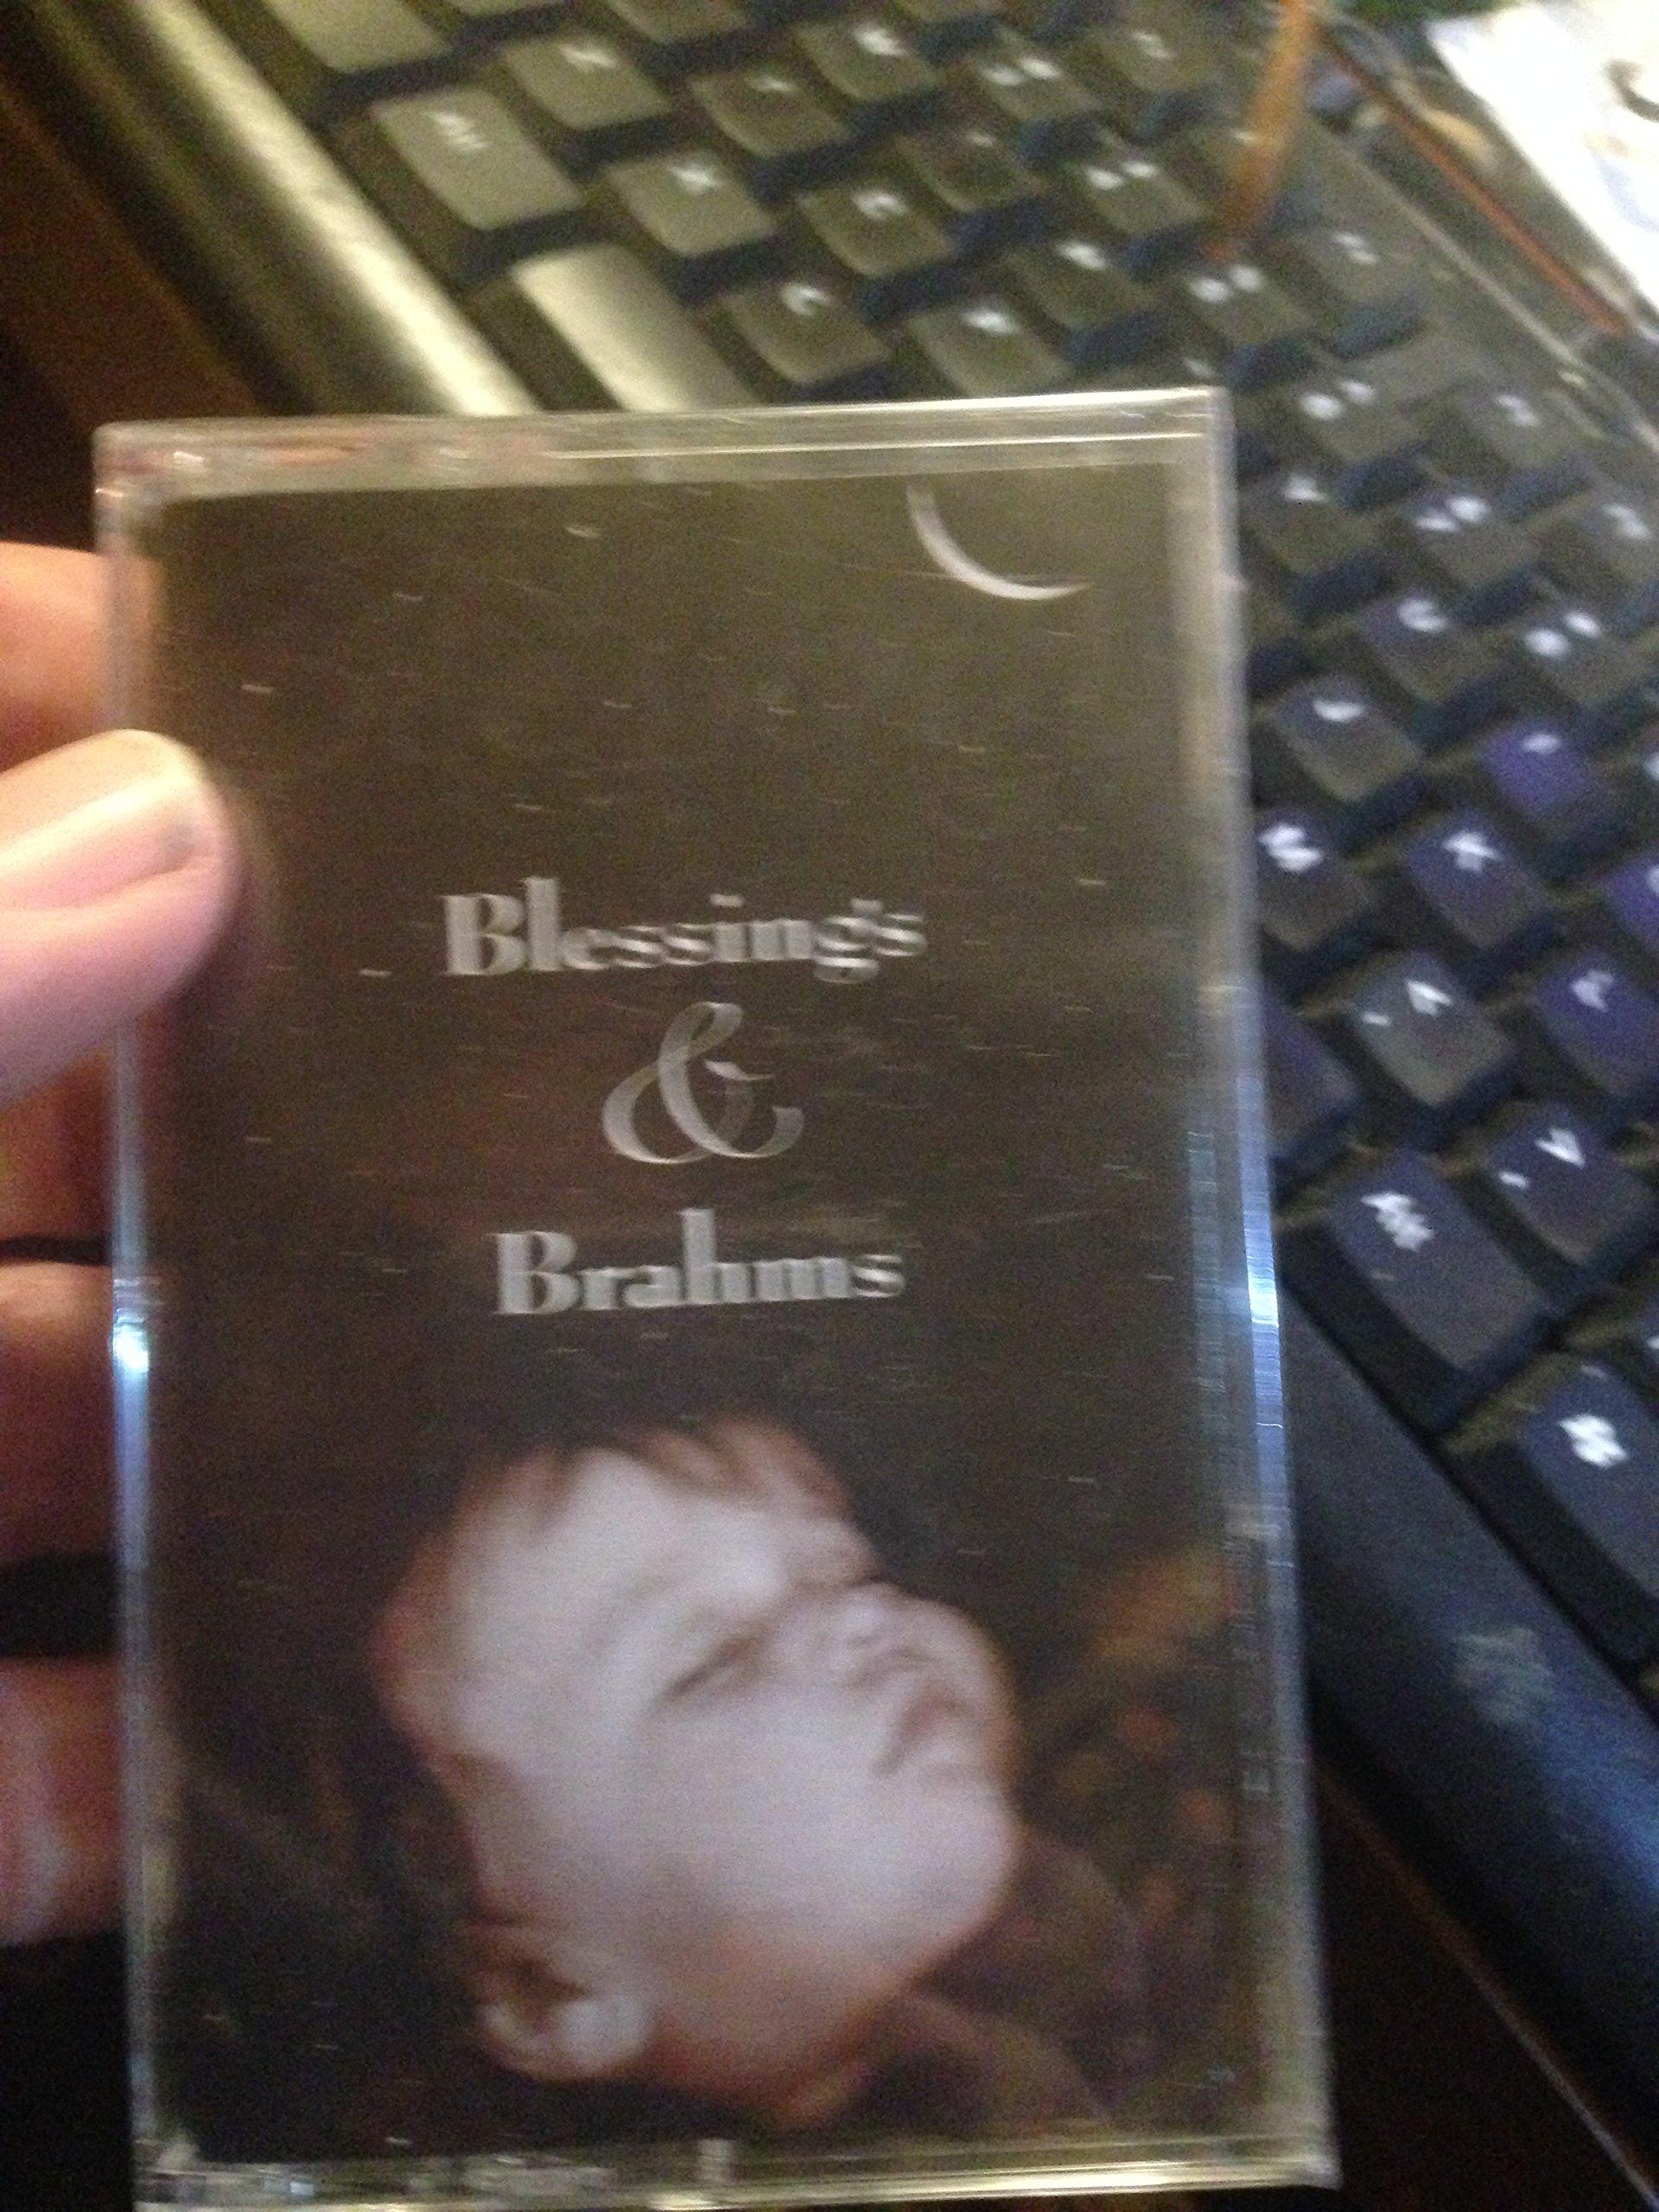 Blessings & Brahms